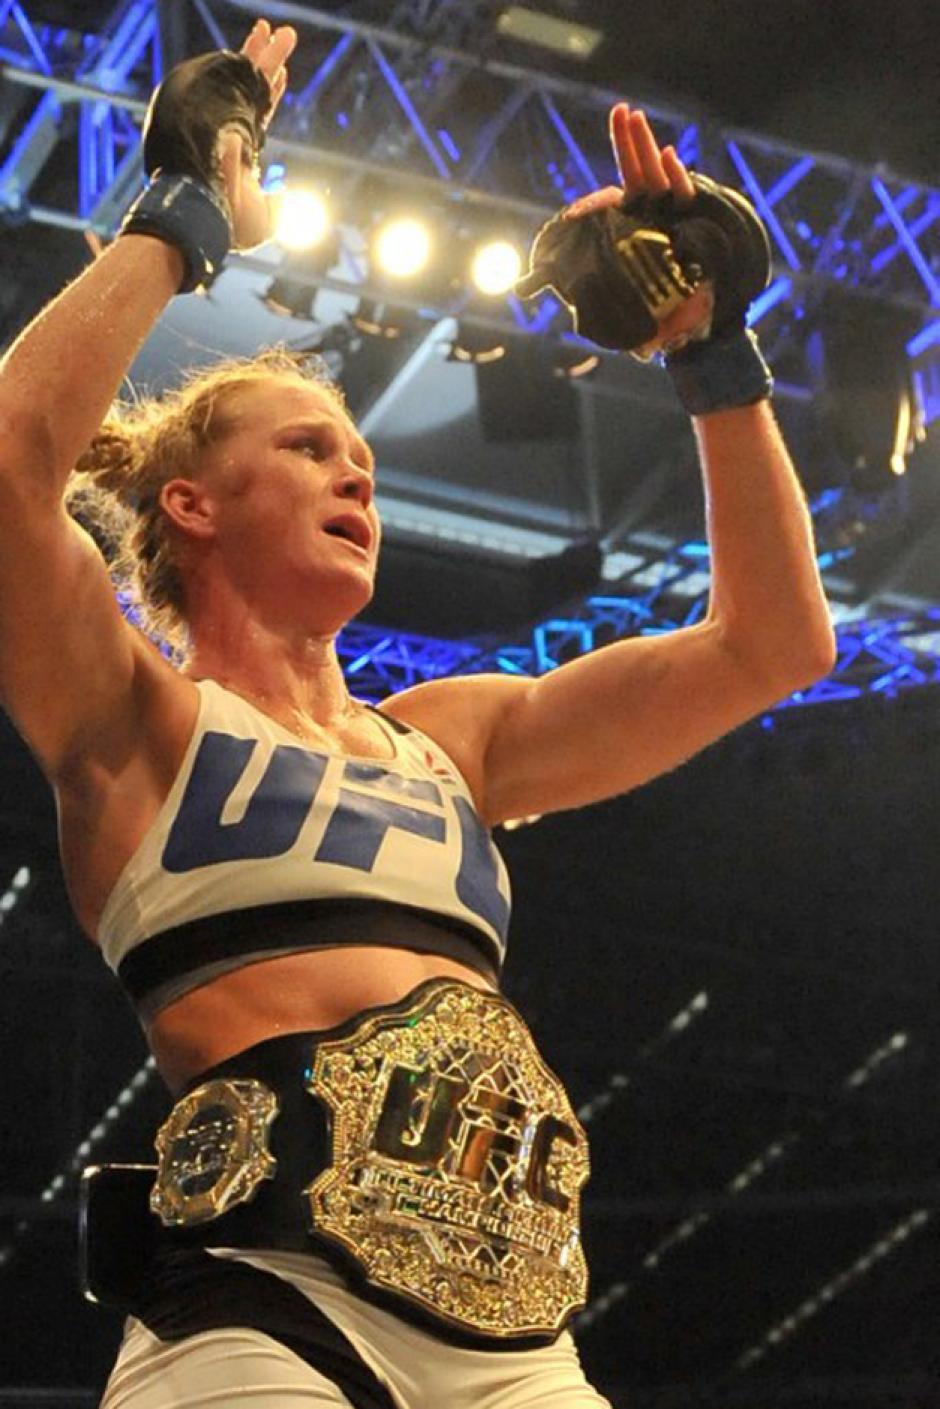 Holly Holm fue declarada la nueva reina de la UFC al derrotar a Ronda Rousey. (Foto: AFP)